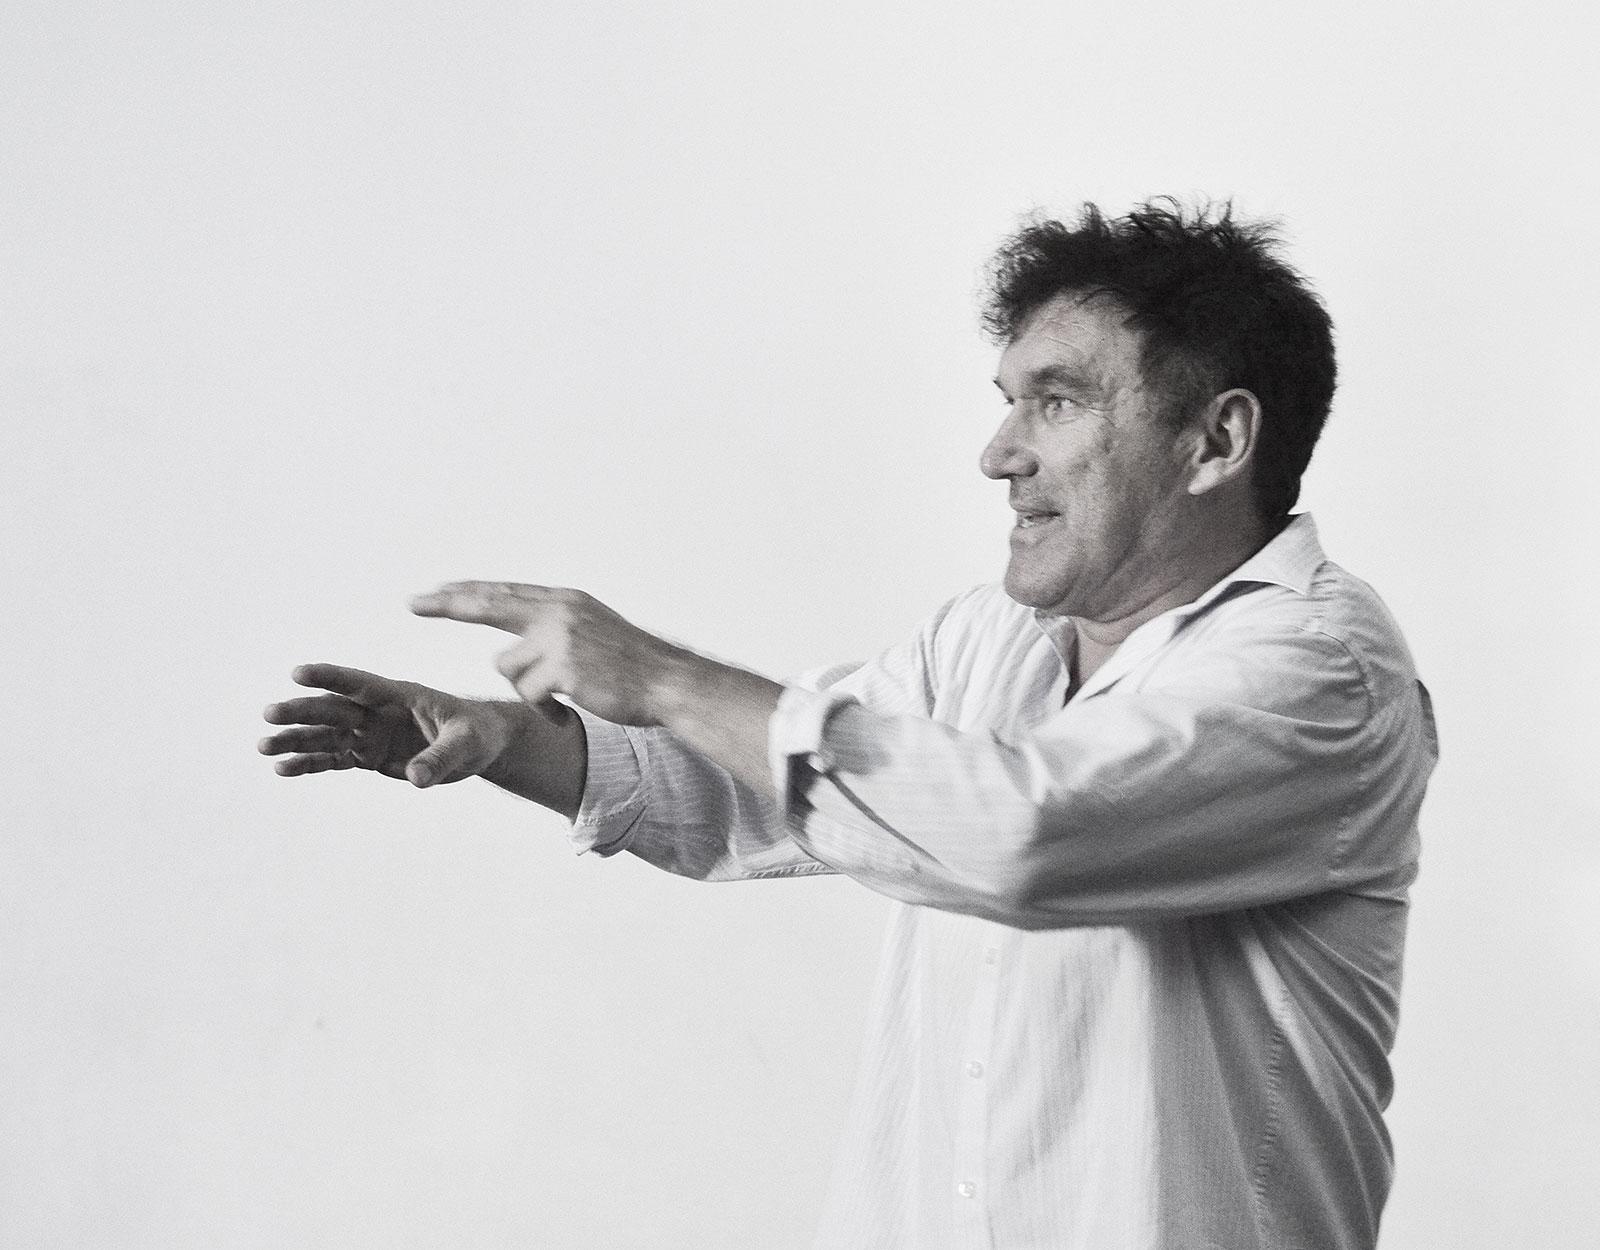 Немецкий театральный режиссер Маркус Ниден проведет семинар в Киеве (12 и 13 октября)